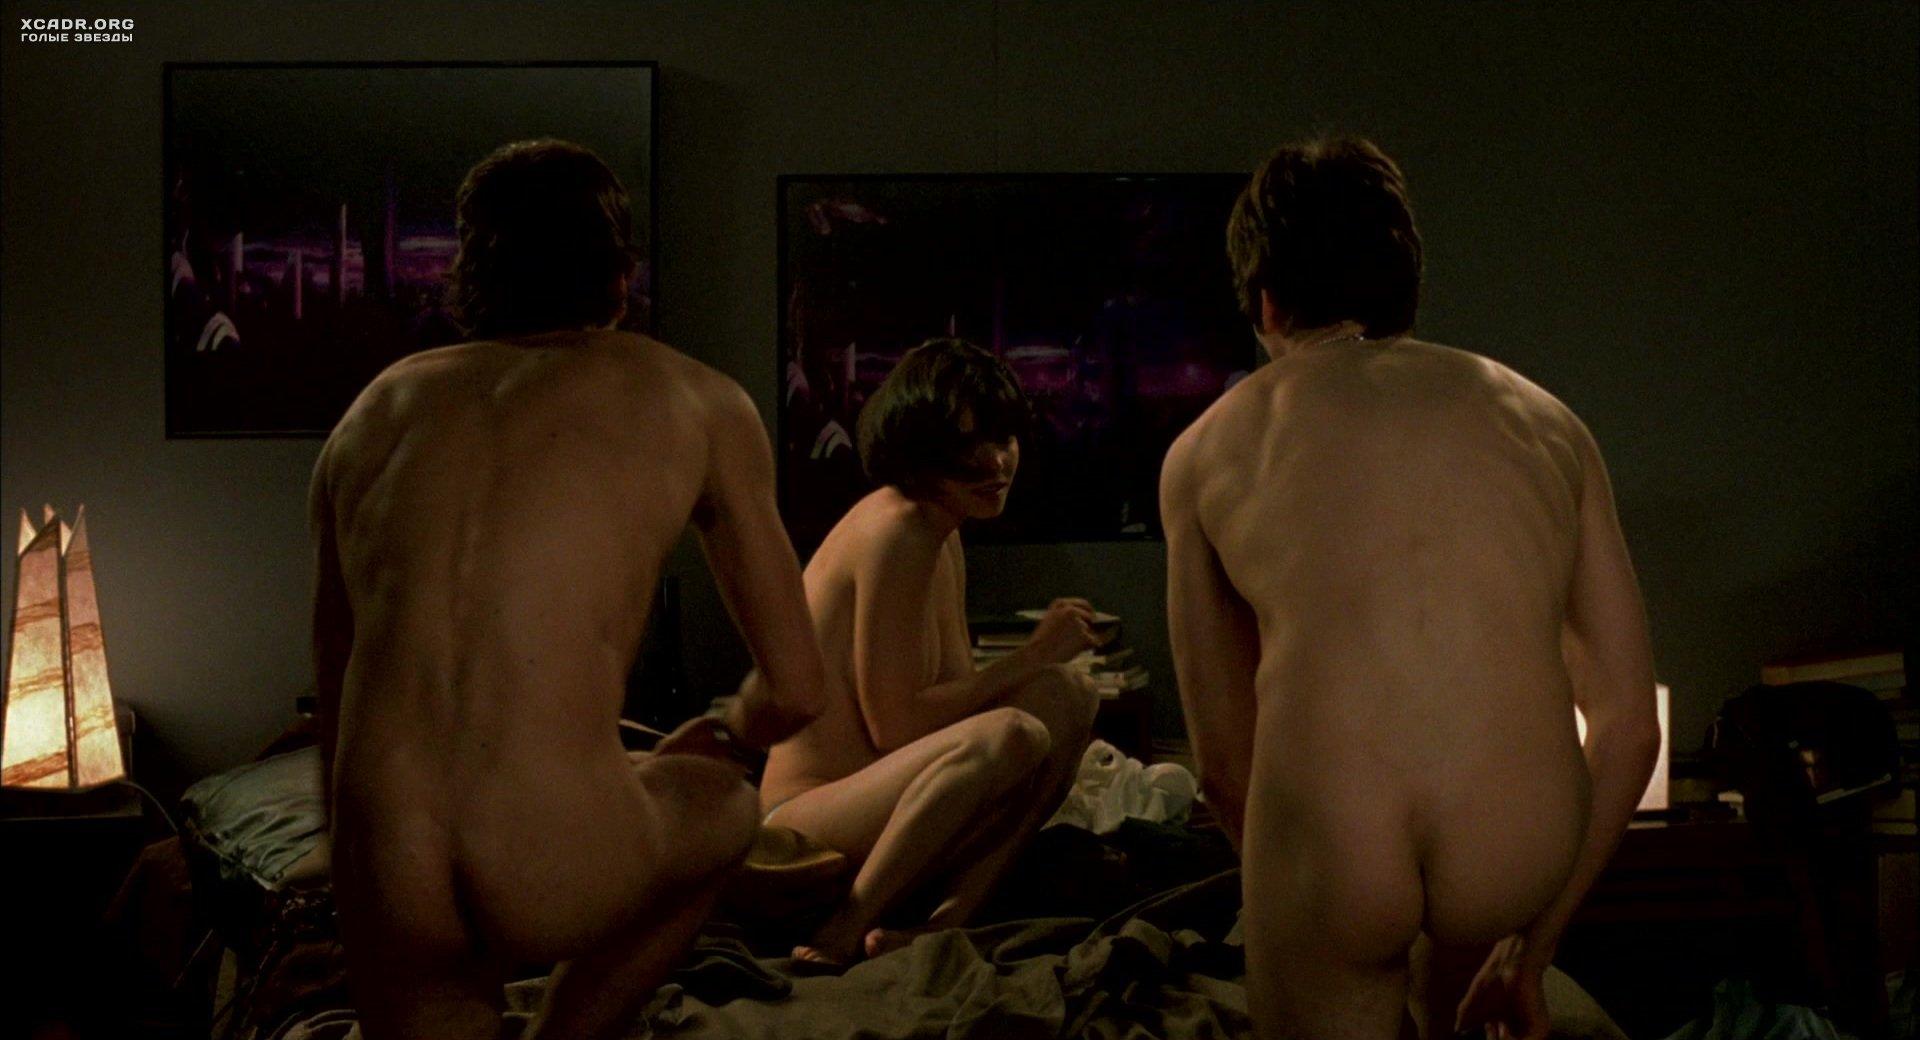 Смотреть Порно фильмы и ролики онлайн бесплатно  Страница 15